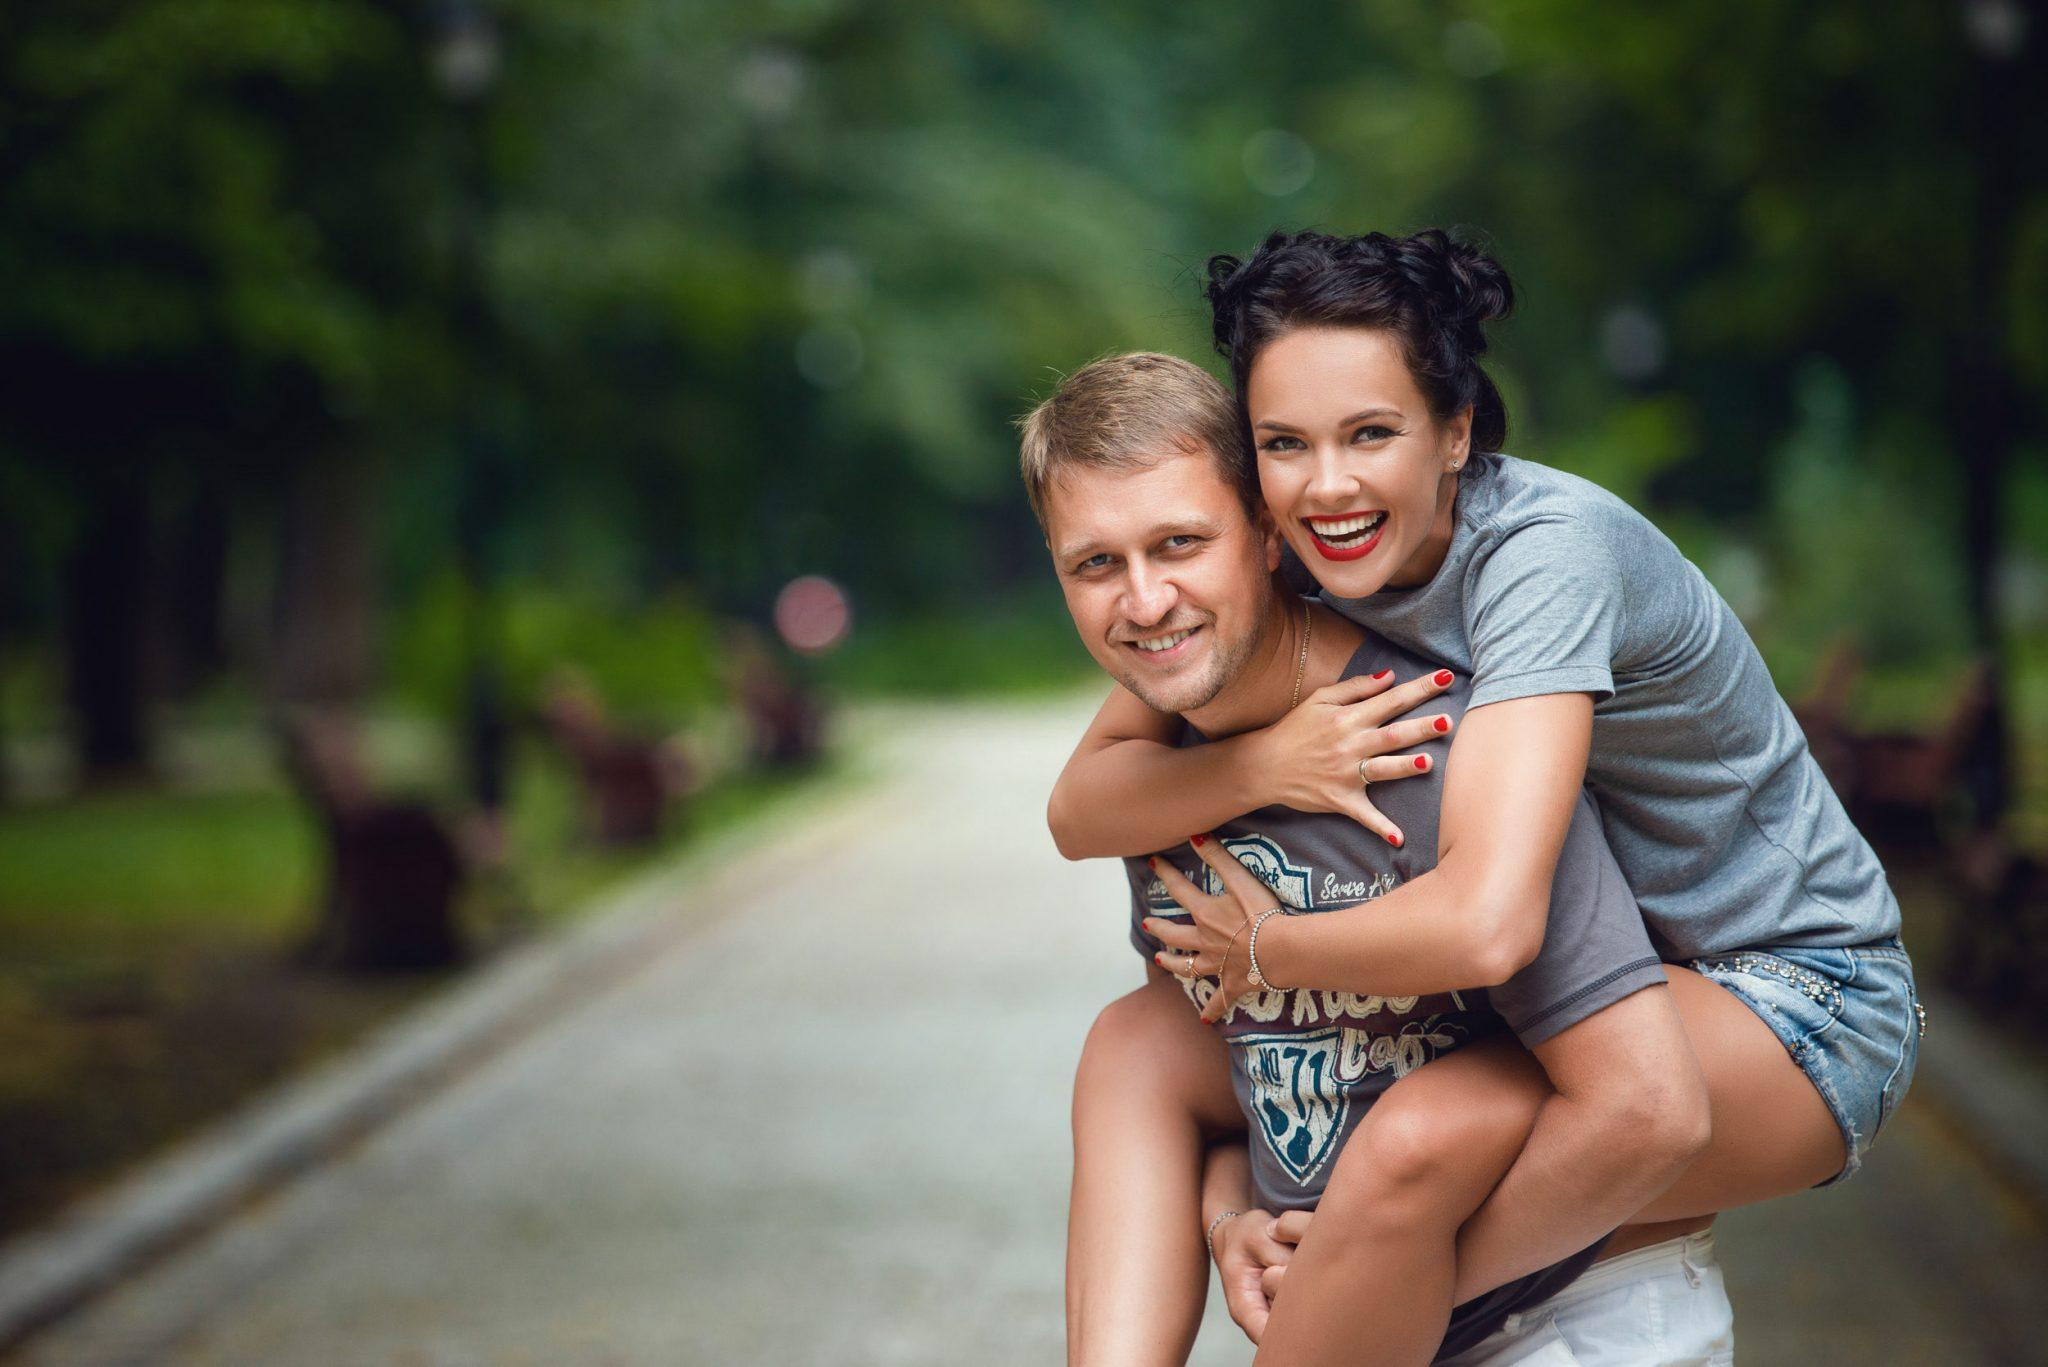 Love Story на природе, прогулка по Киеву, фотография пары, девушка на спине у мужчины